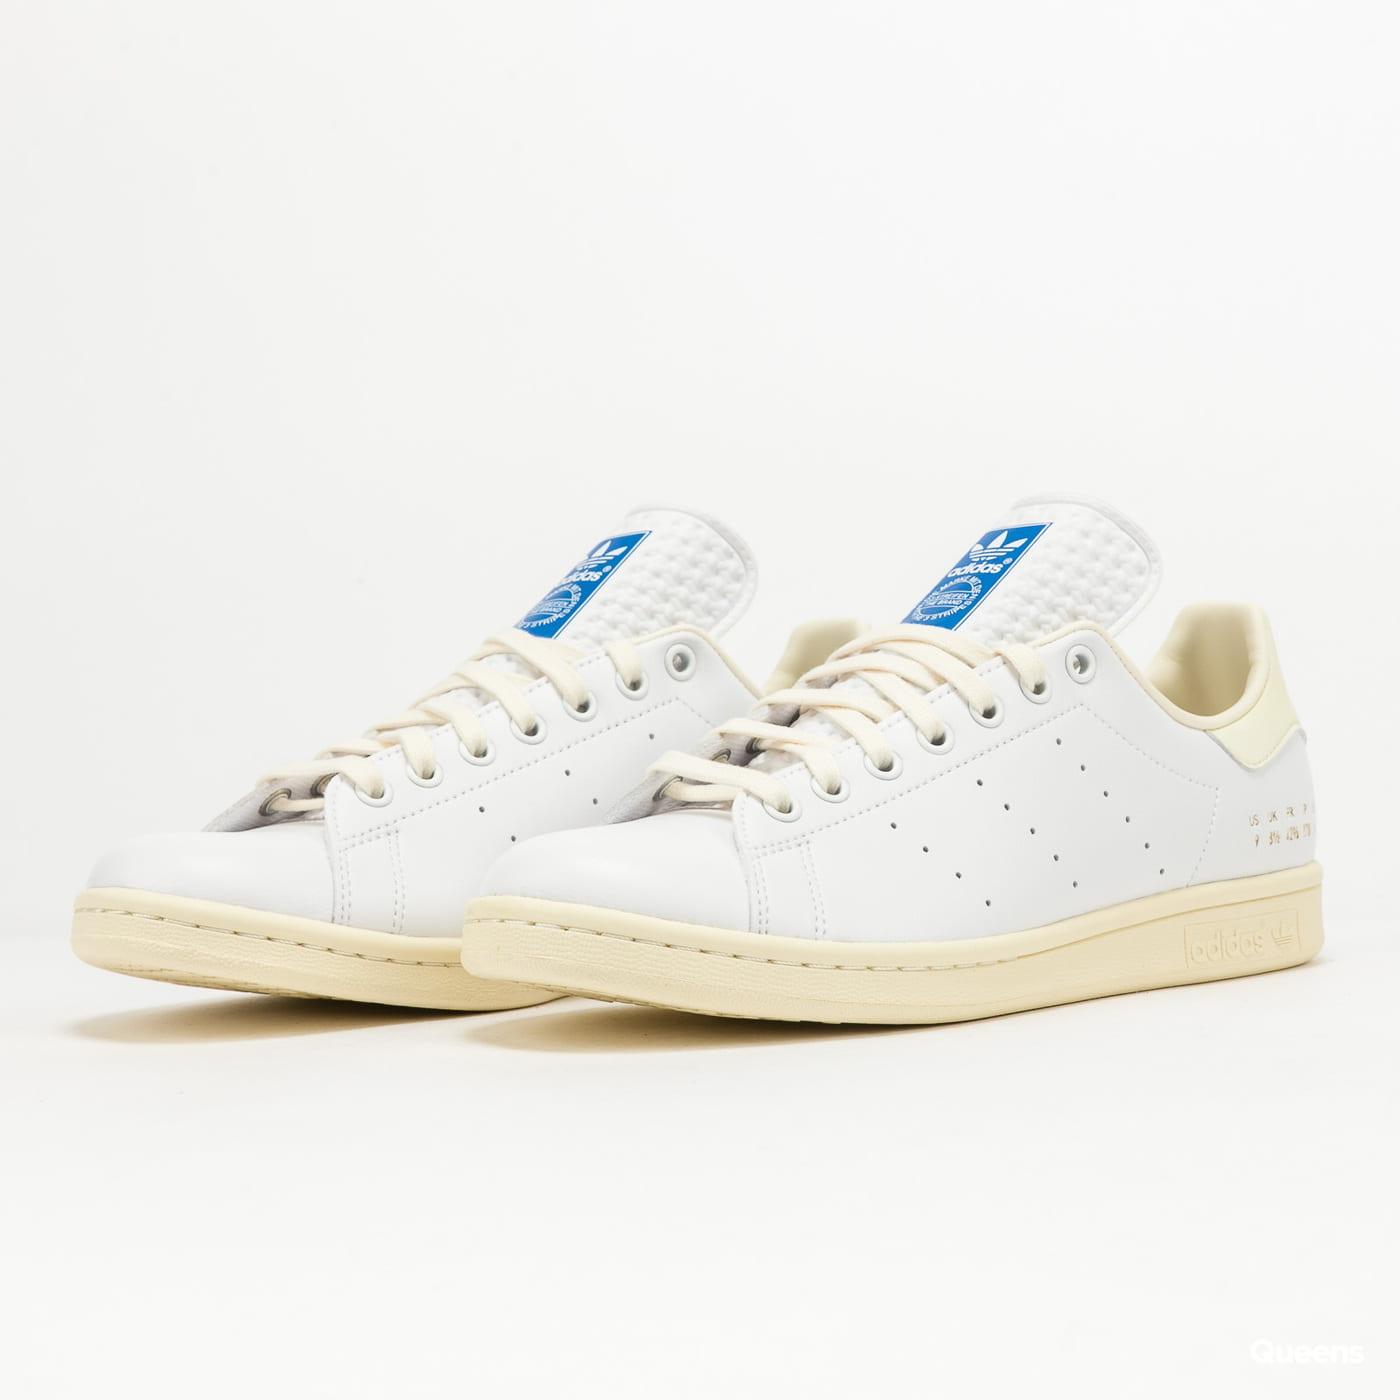 adidas Originals Stan Smith ftwwht / cwhite / blubir